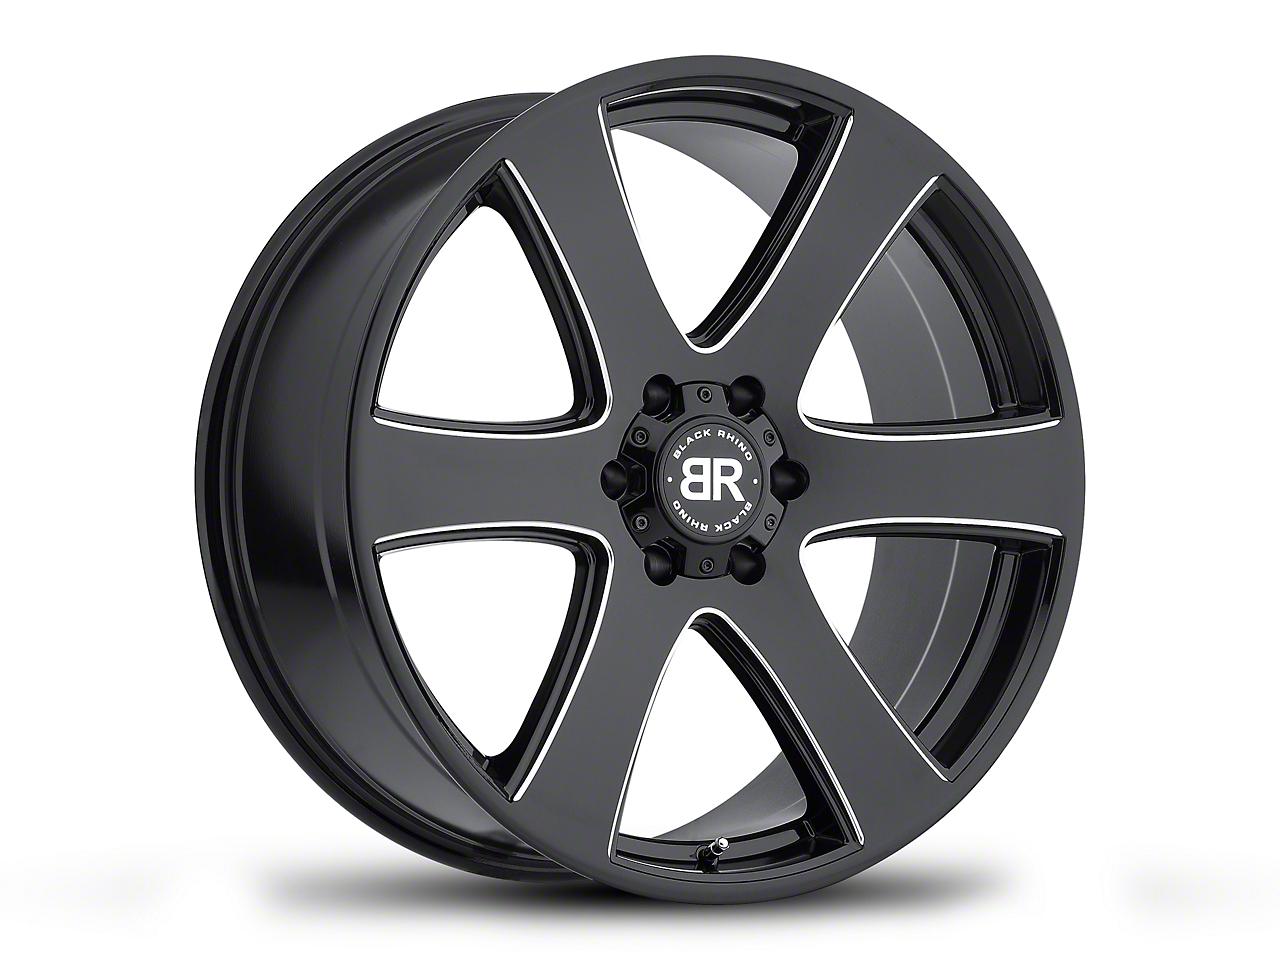 Black Rhino Haka Gloss Black Milled 6-Lug Wheel - 22x9.5 (07-18 Sierra 1500)